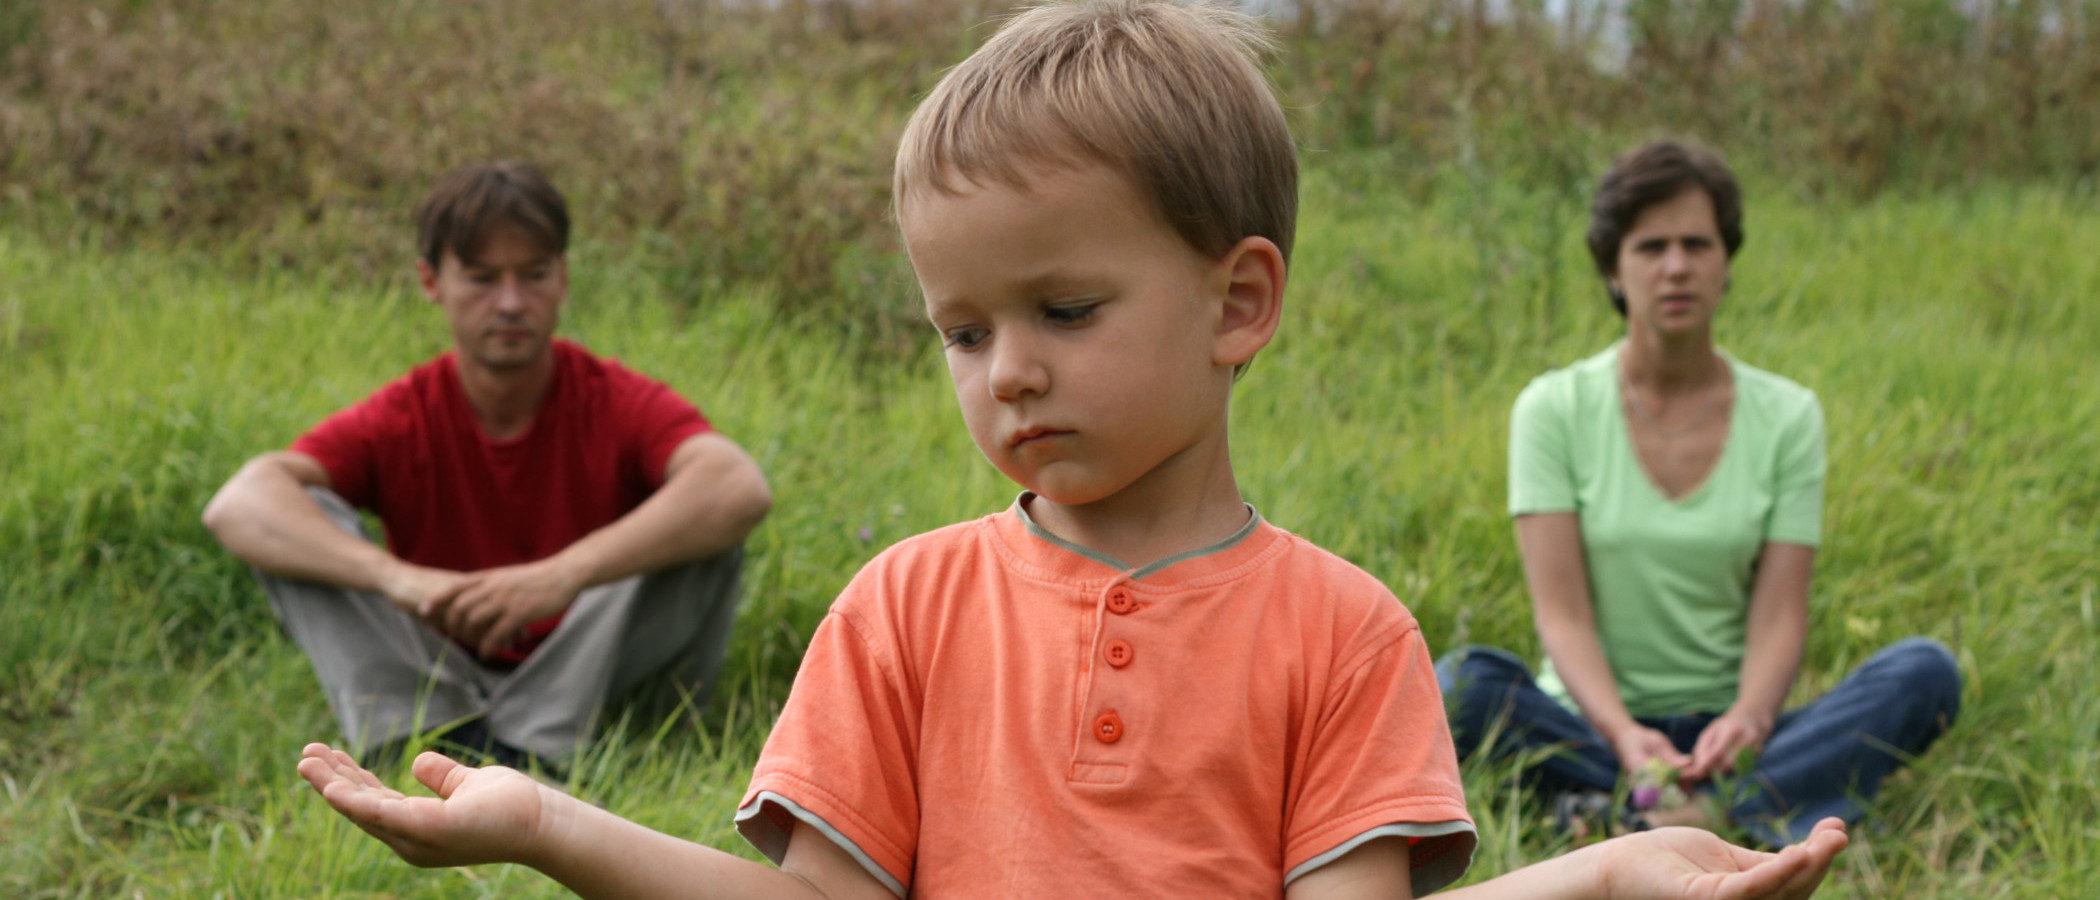 Cómo ayudar a un hijo pequeño a superar el divorcio de sus padres